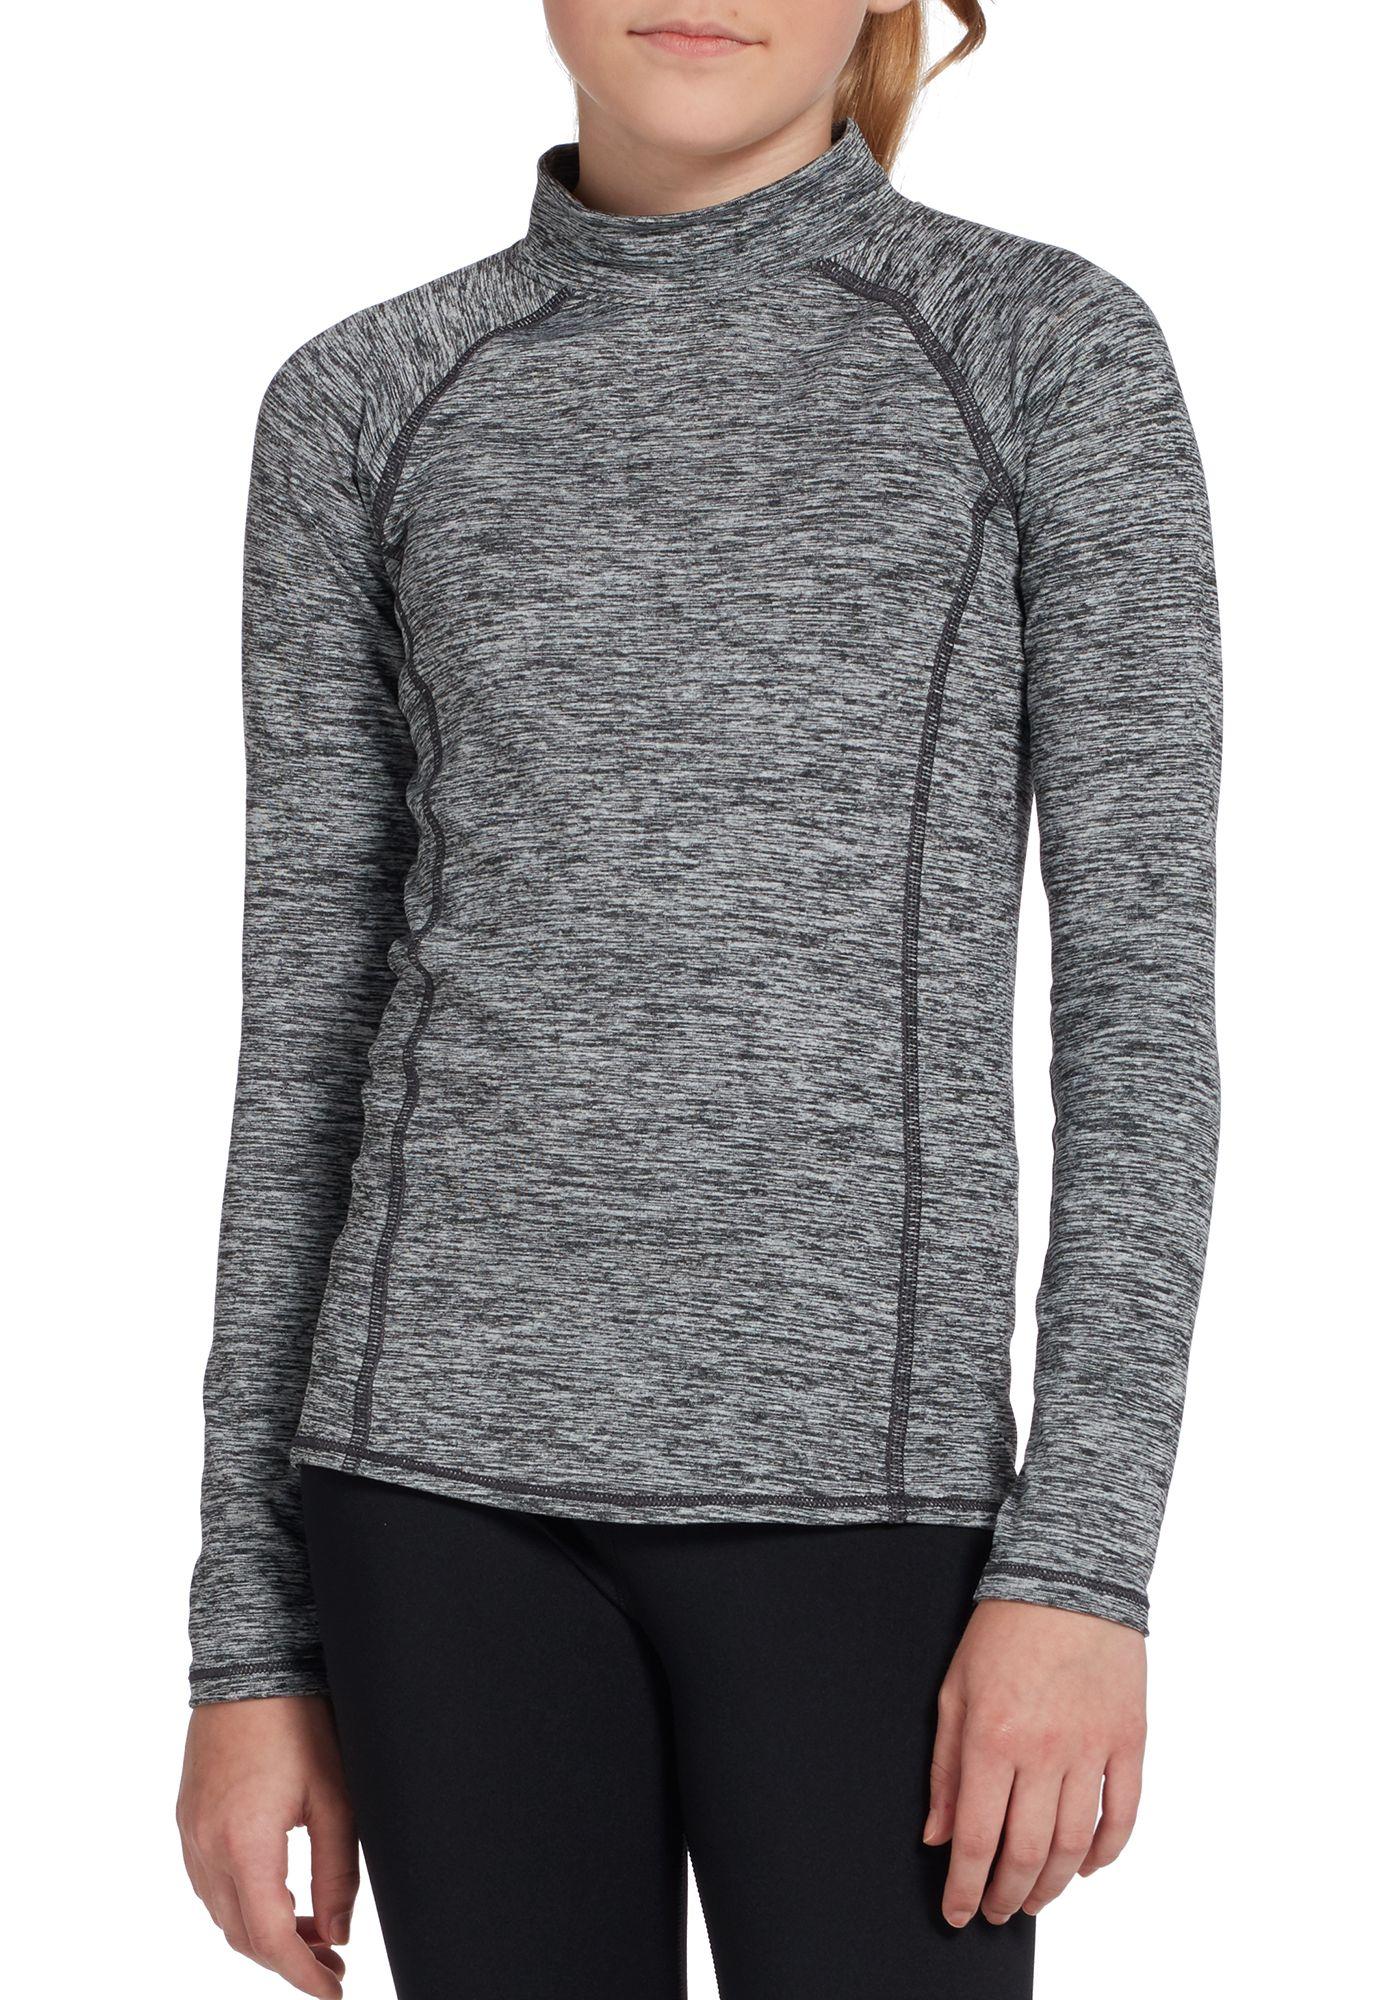 DSG Girls' Cold Weather Compression Mock Neck Long Sleeve Shirt